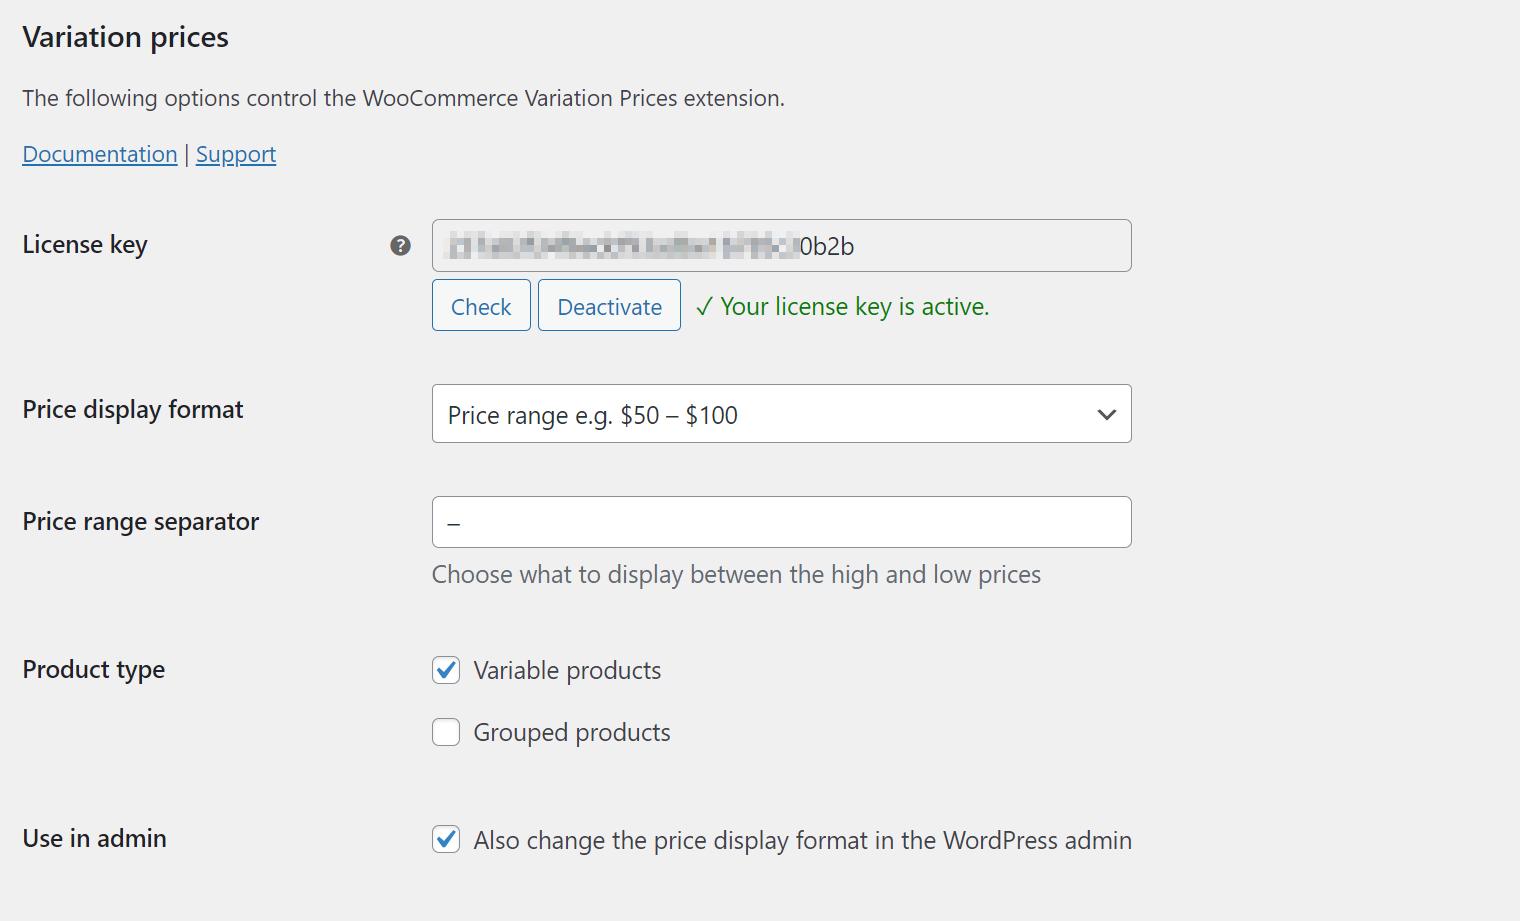 Price range separator